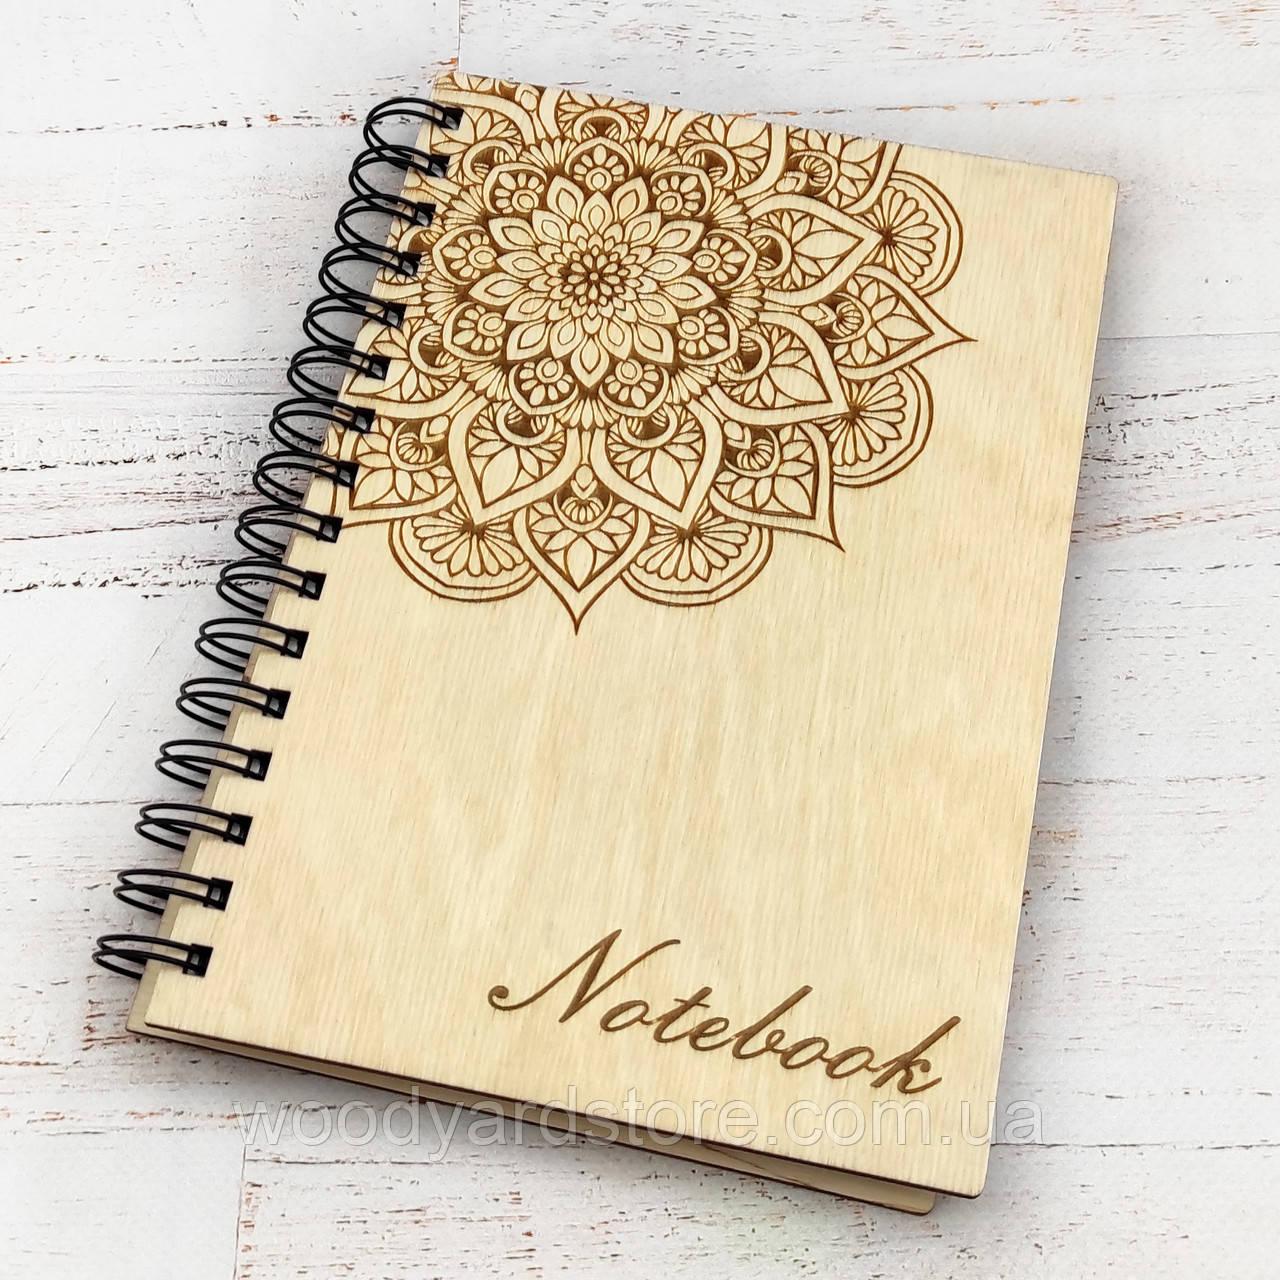 """Дерев'яний блокнот А5. Дизайн """"Мандала"""". Чисті аркуші кольору """"слонова кістка"""".  Колір обкладинки original (без фарбування)."""